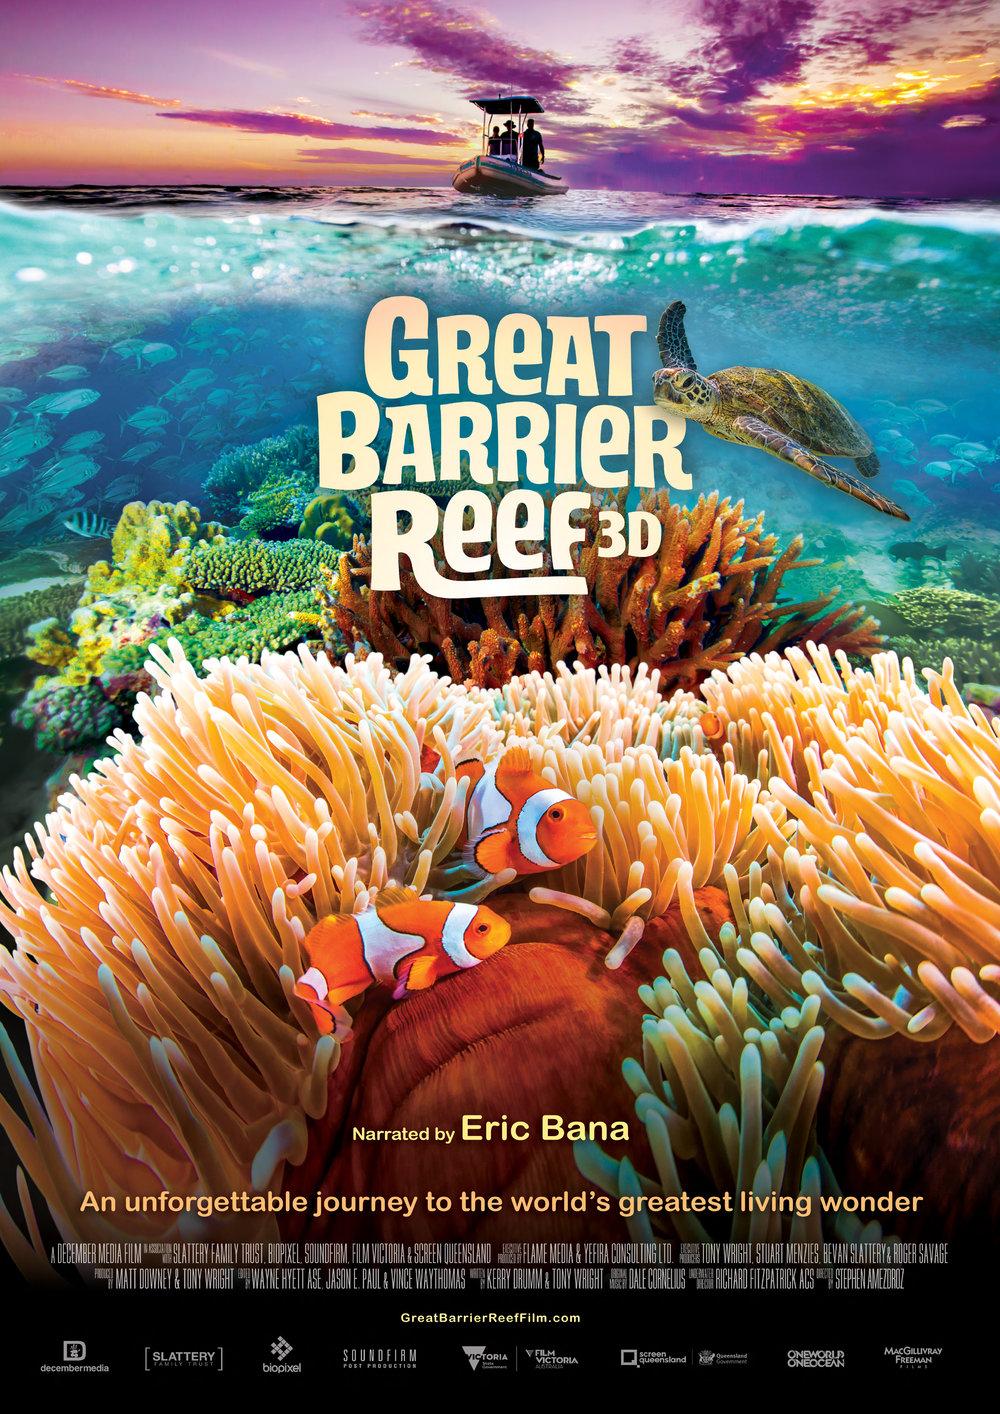 GBR_Reef_Keyart_3D_prf (1).jpg